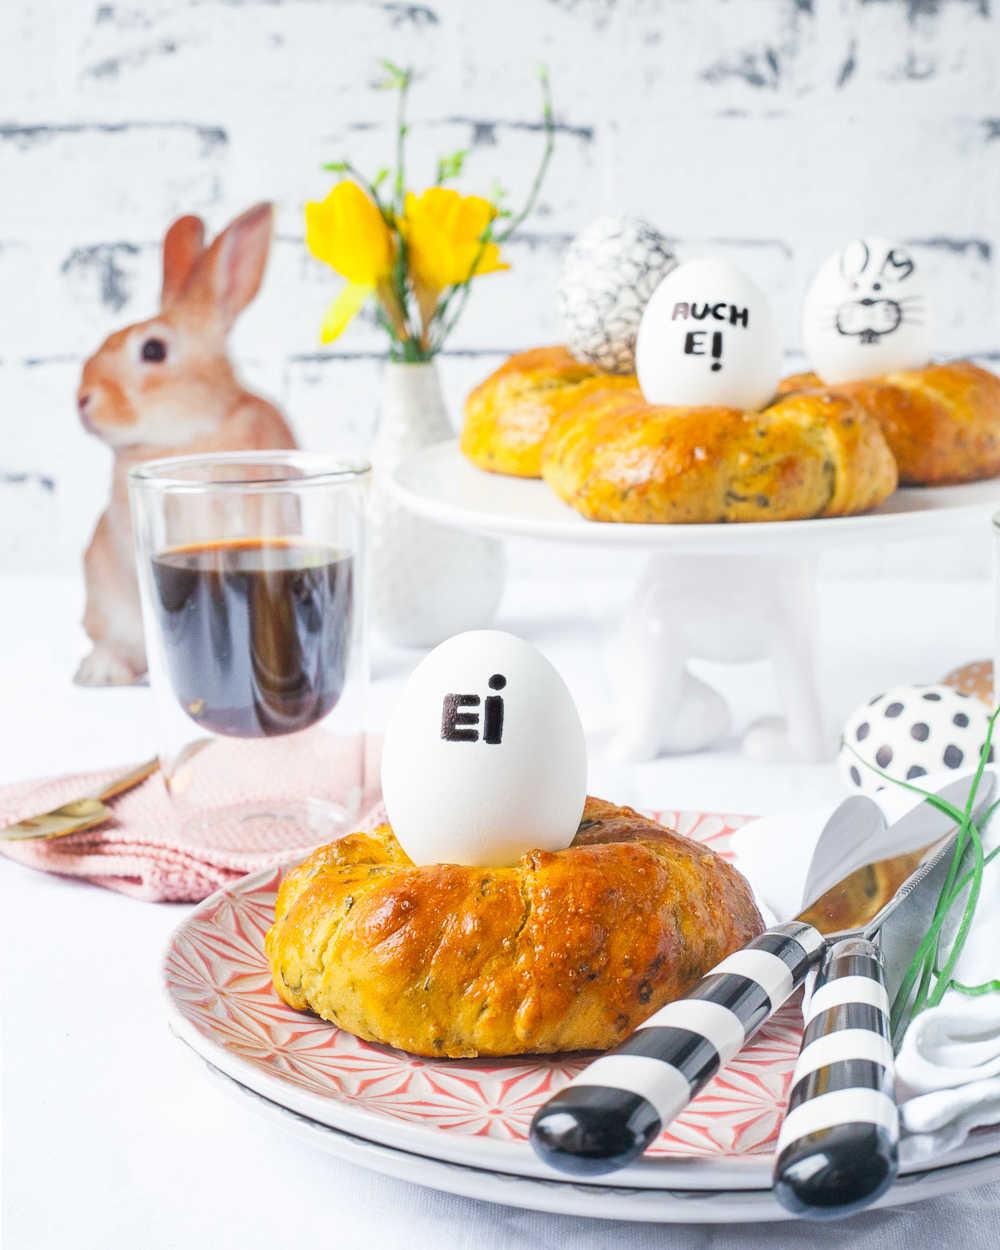 Herzhafte Pesto- Hefekränzchen mit buntem Oster-Ei essbares Nest für den Brunch |GourmetGuerilla.de